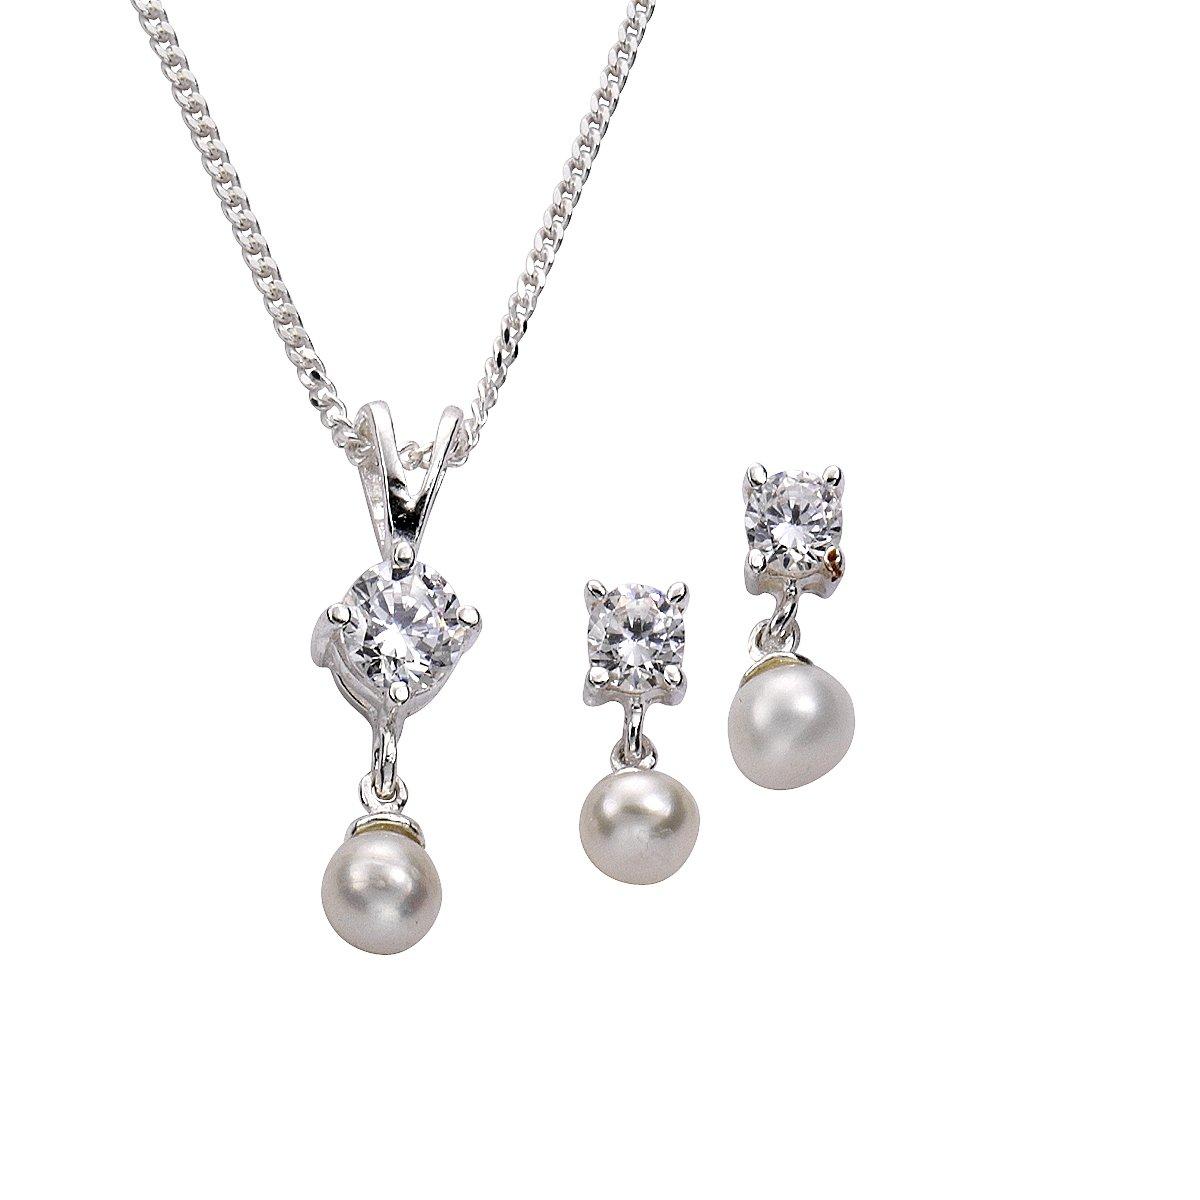 Zeeme Basic - 500201208-42 - Parure Collier et Boucles d'Oreilles Femme - Argent 925/1000-4.7 gr - Oxyde de Zirconium - Perle d'eau douce - Blanc - 42 cm B0064WOIZG